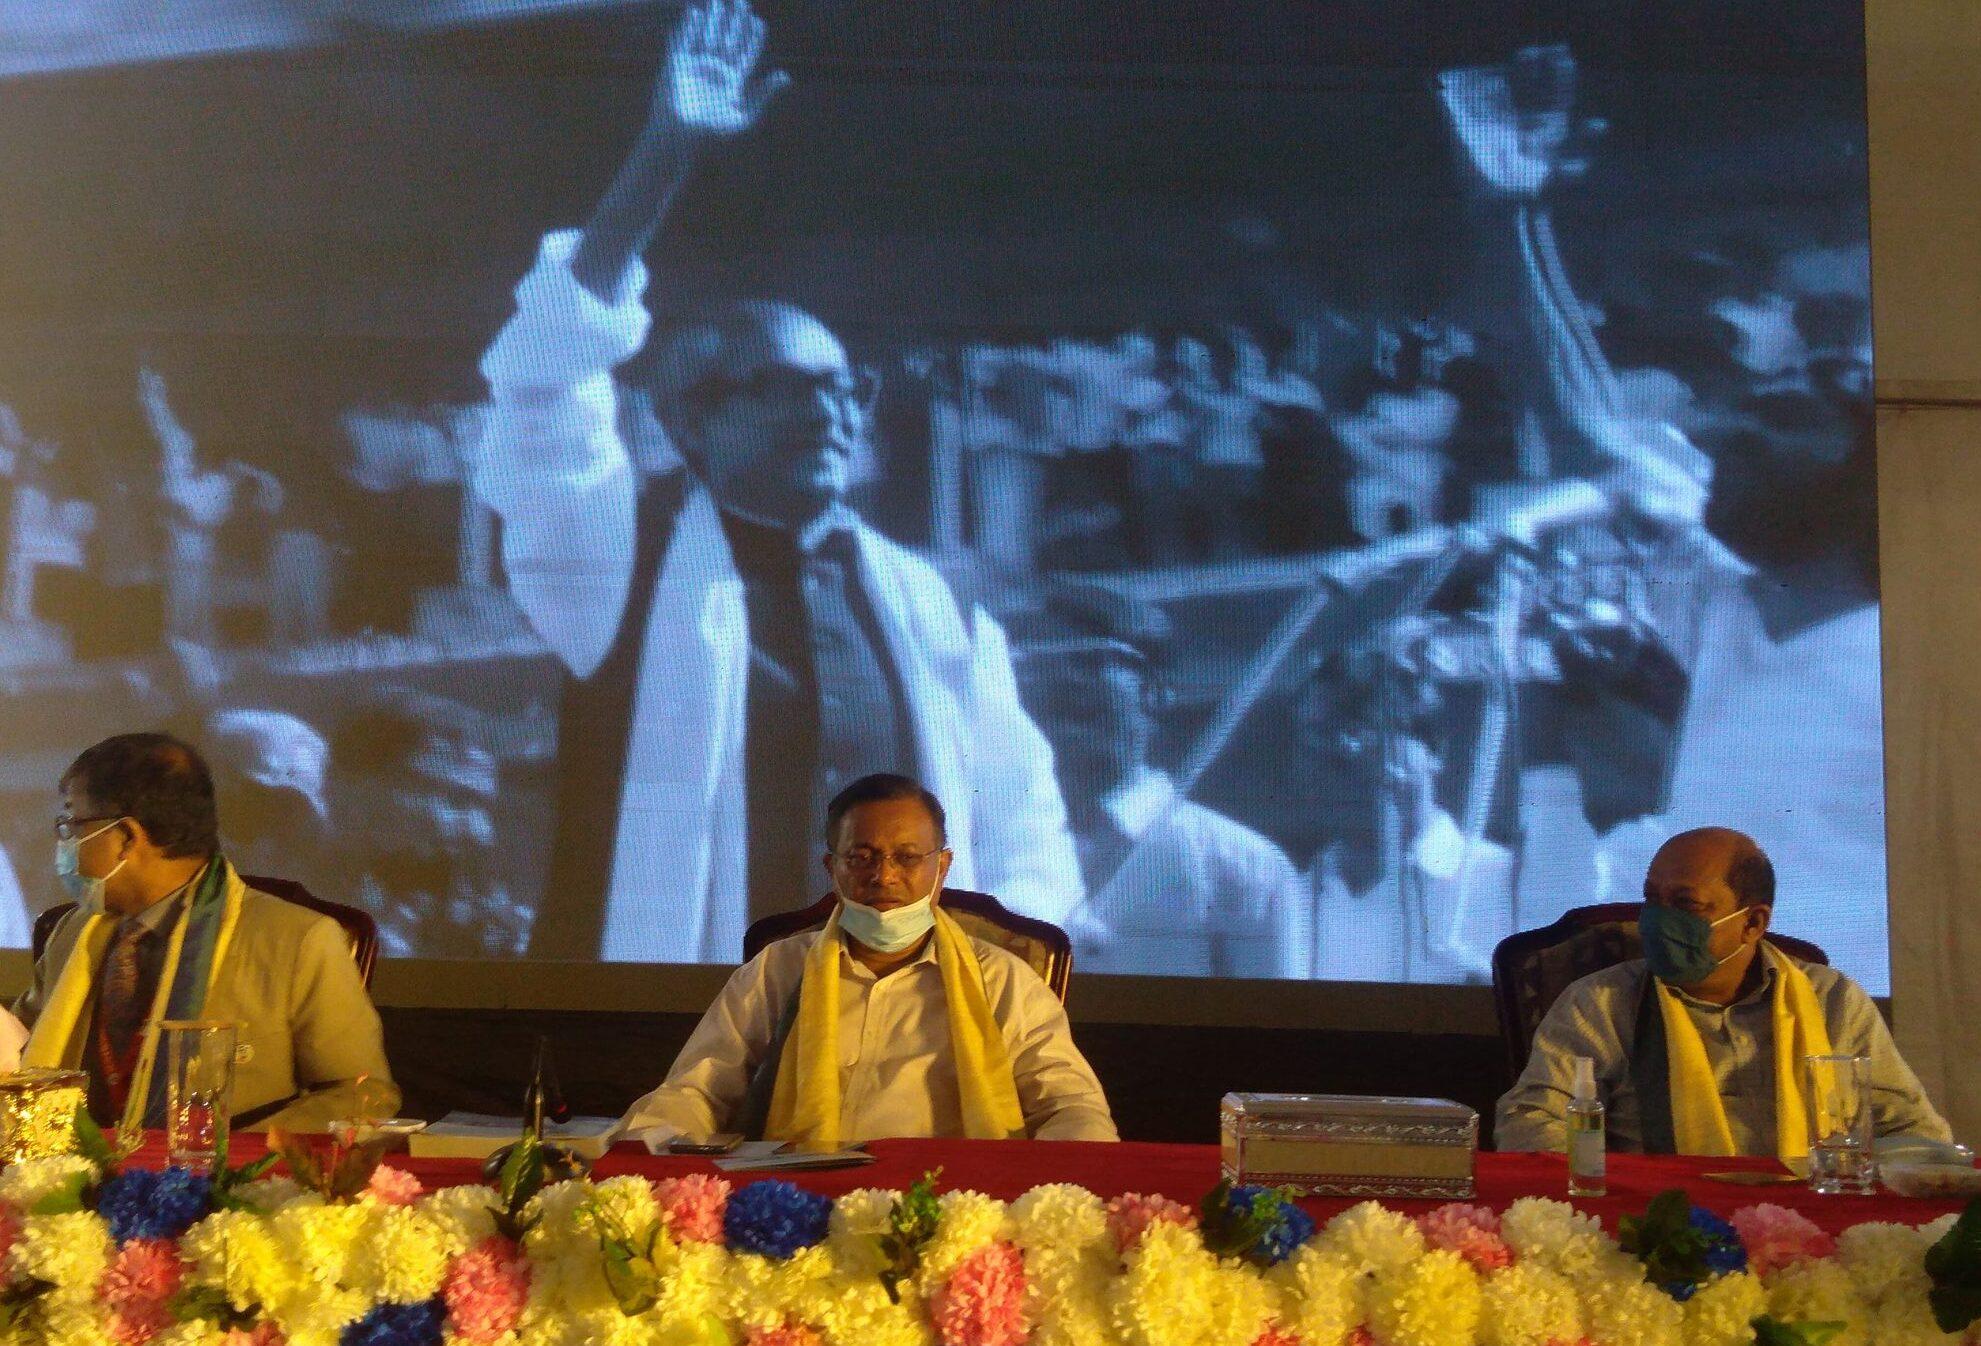 চতুর্থ শিল্পবিপ্লবের চ্যালেঞ্জ মোকাবিলায় বিজ্ঞানচর্চার বিকল্প নেই ঃ তথ্যমন্ত্রী